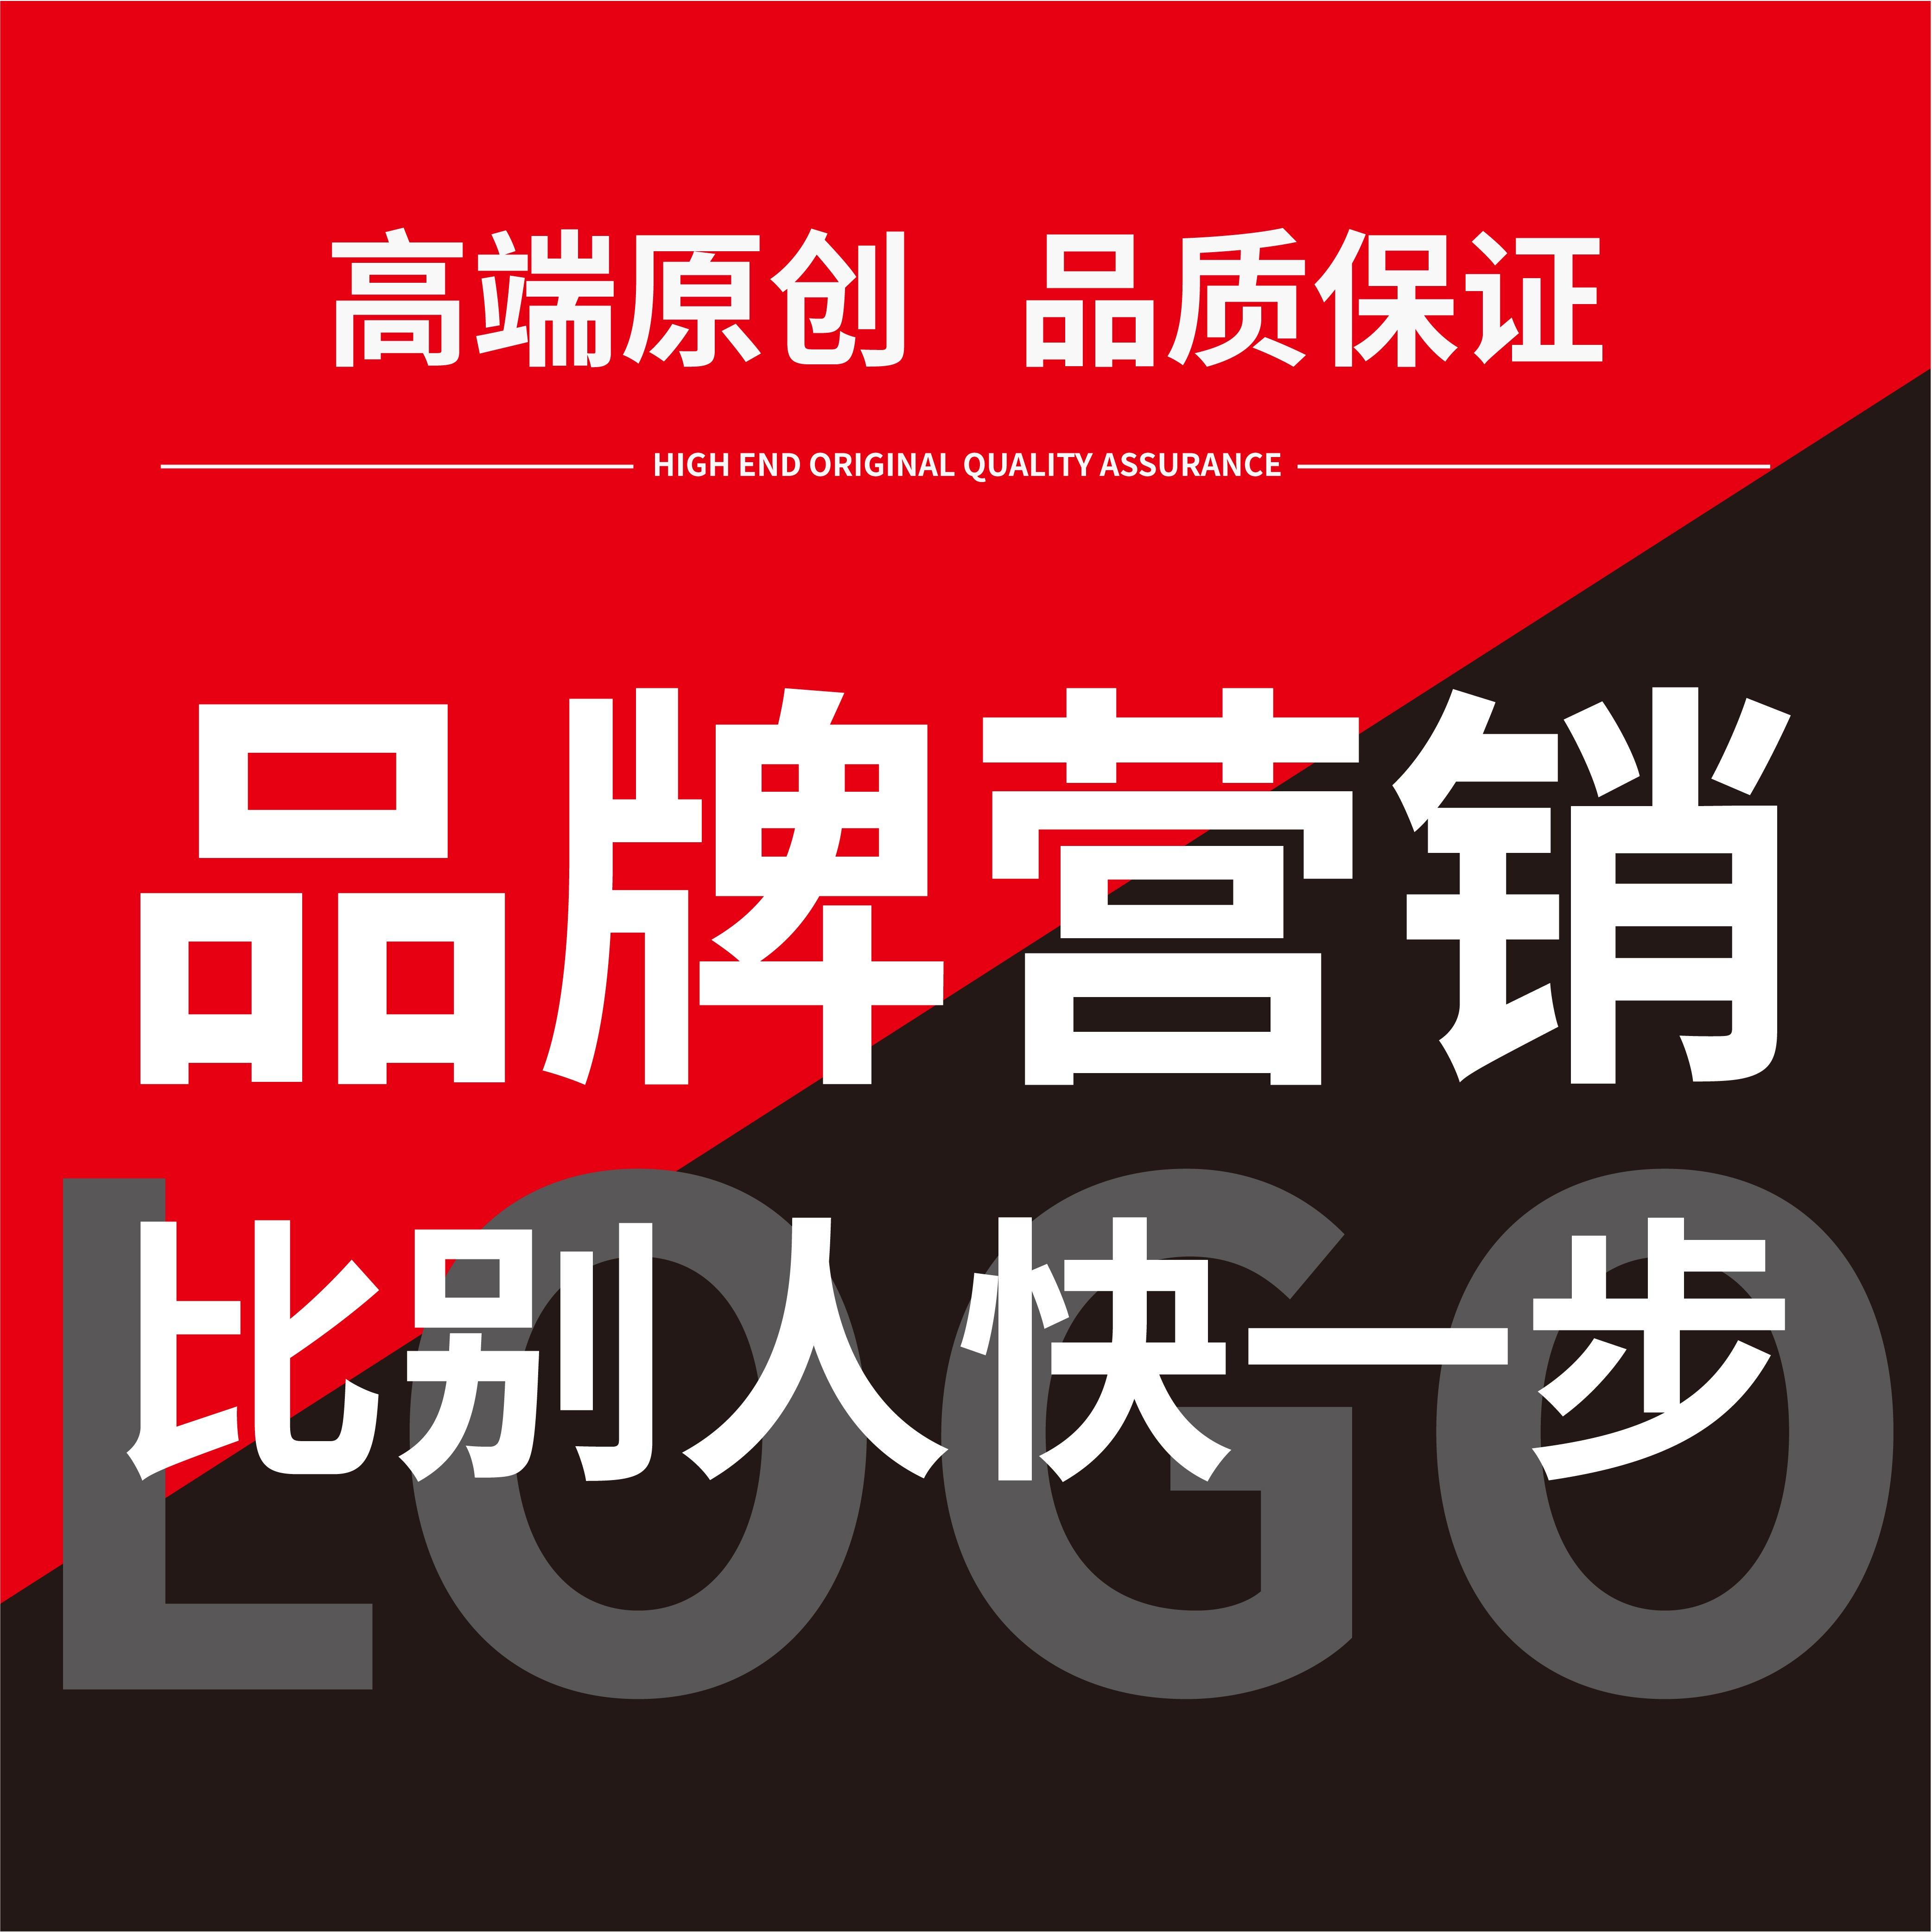 logo设计标志设计商标设计产品logo产品标志品牌设计